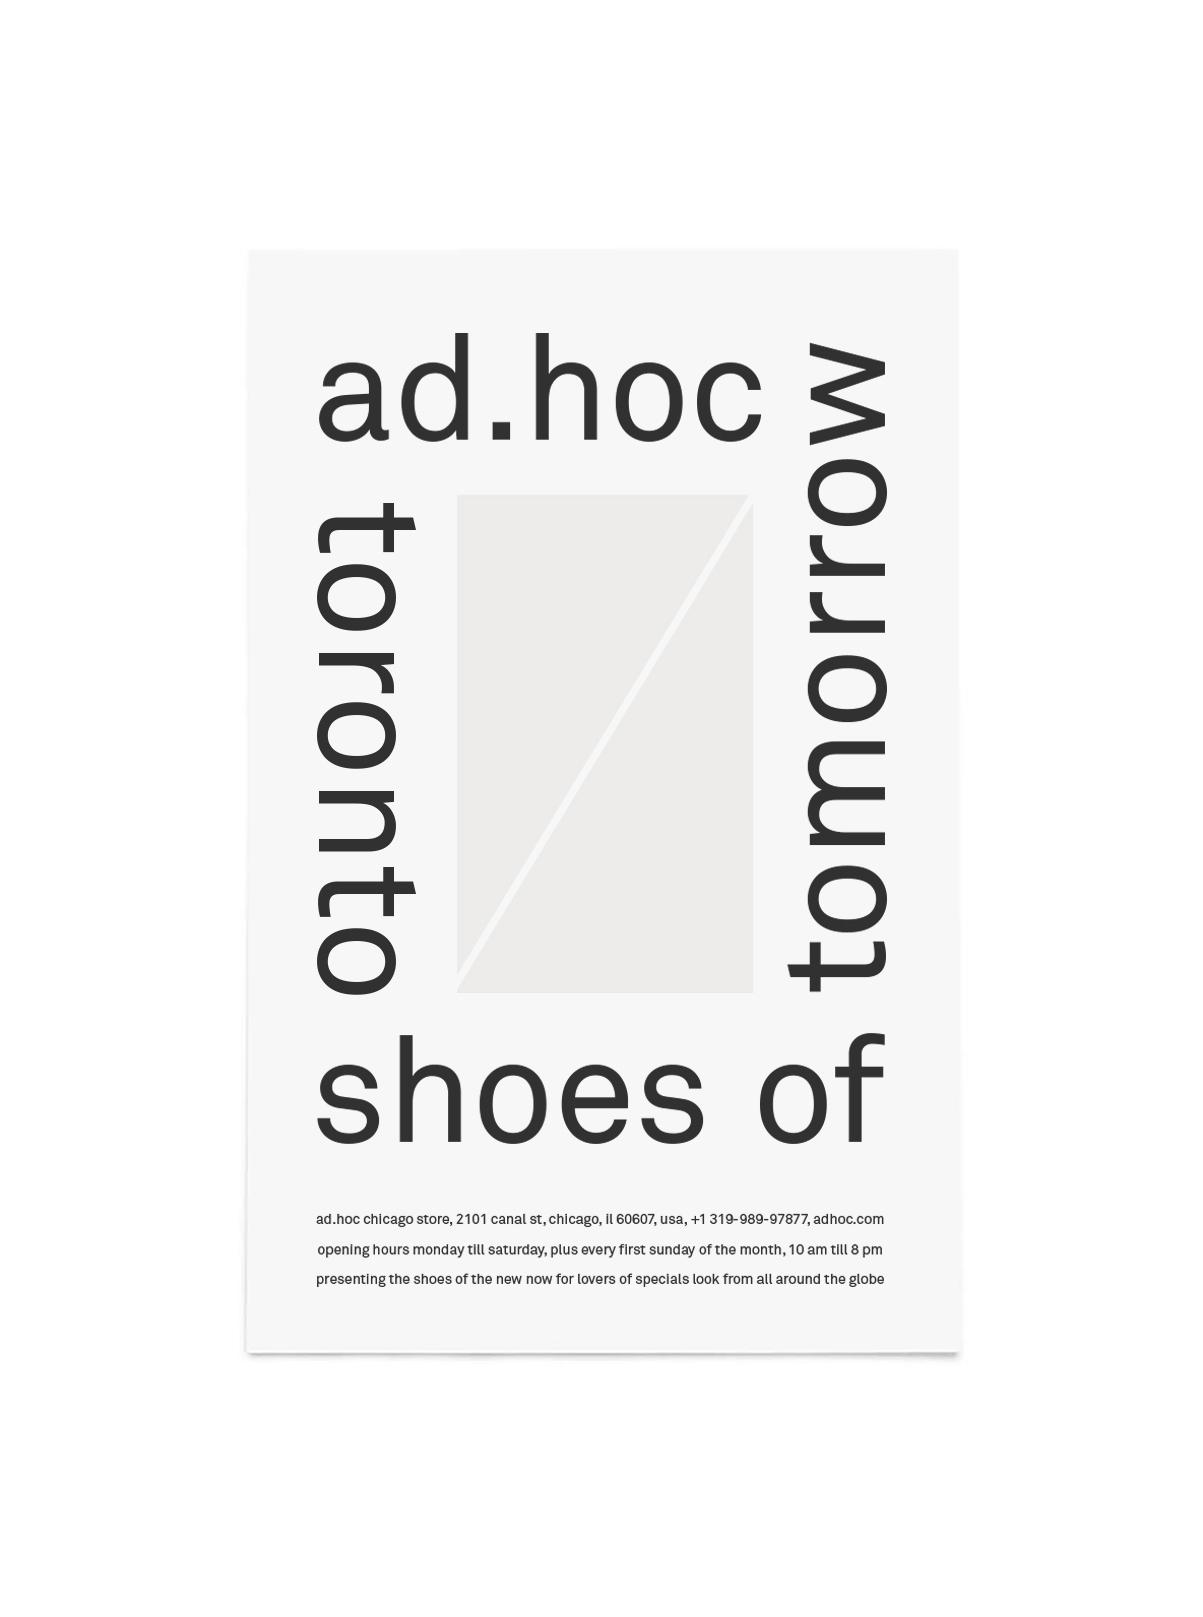 Ad.hoc